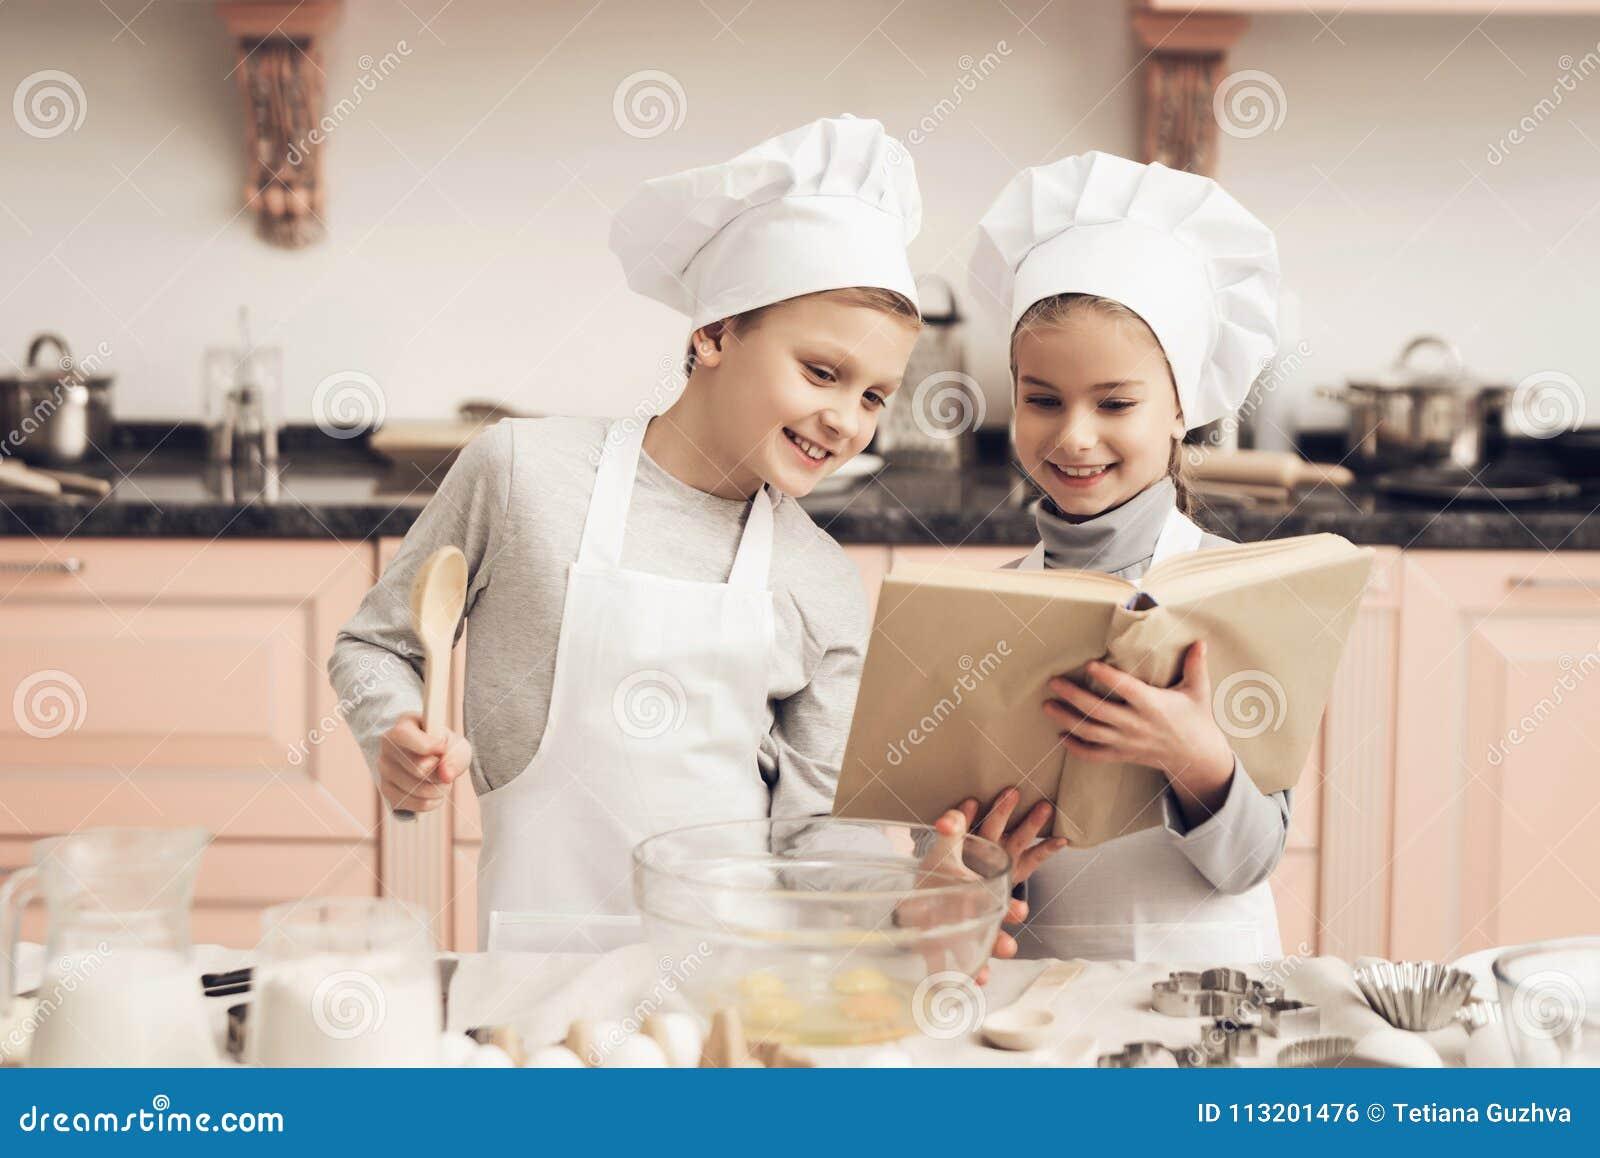 Keuken Voor Kinderen : Kinderen in keuken de broer en de zuster lezen kookboek terwijl